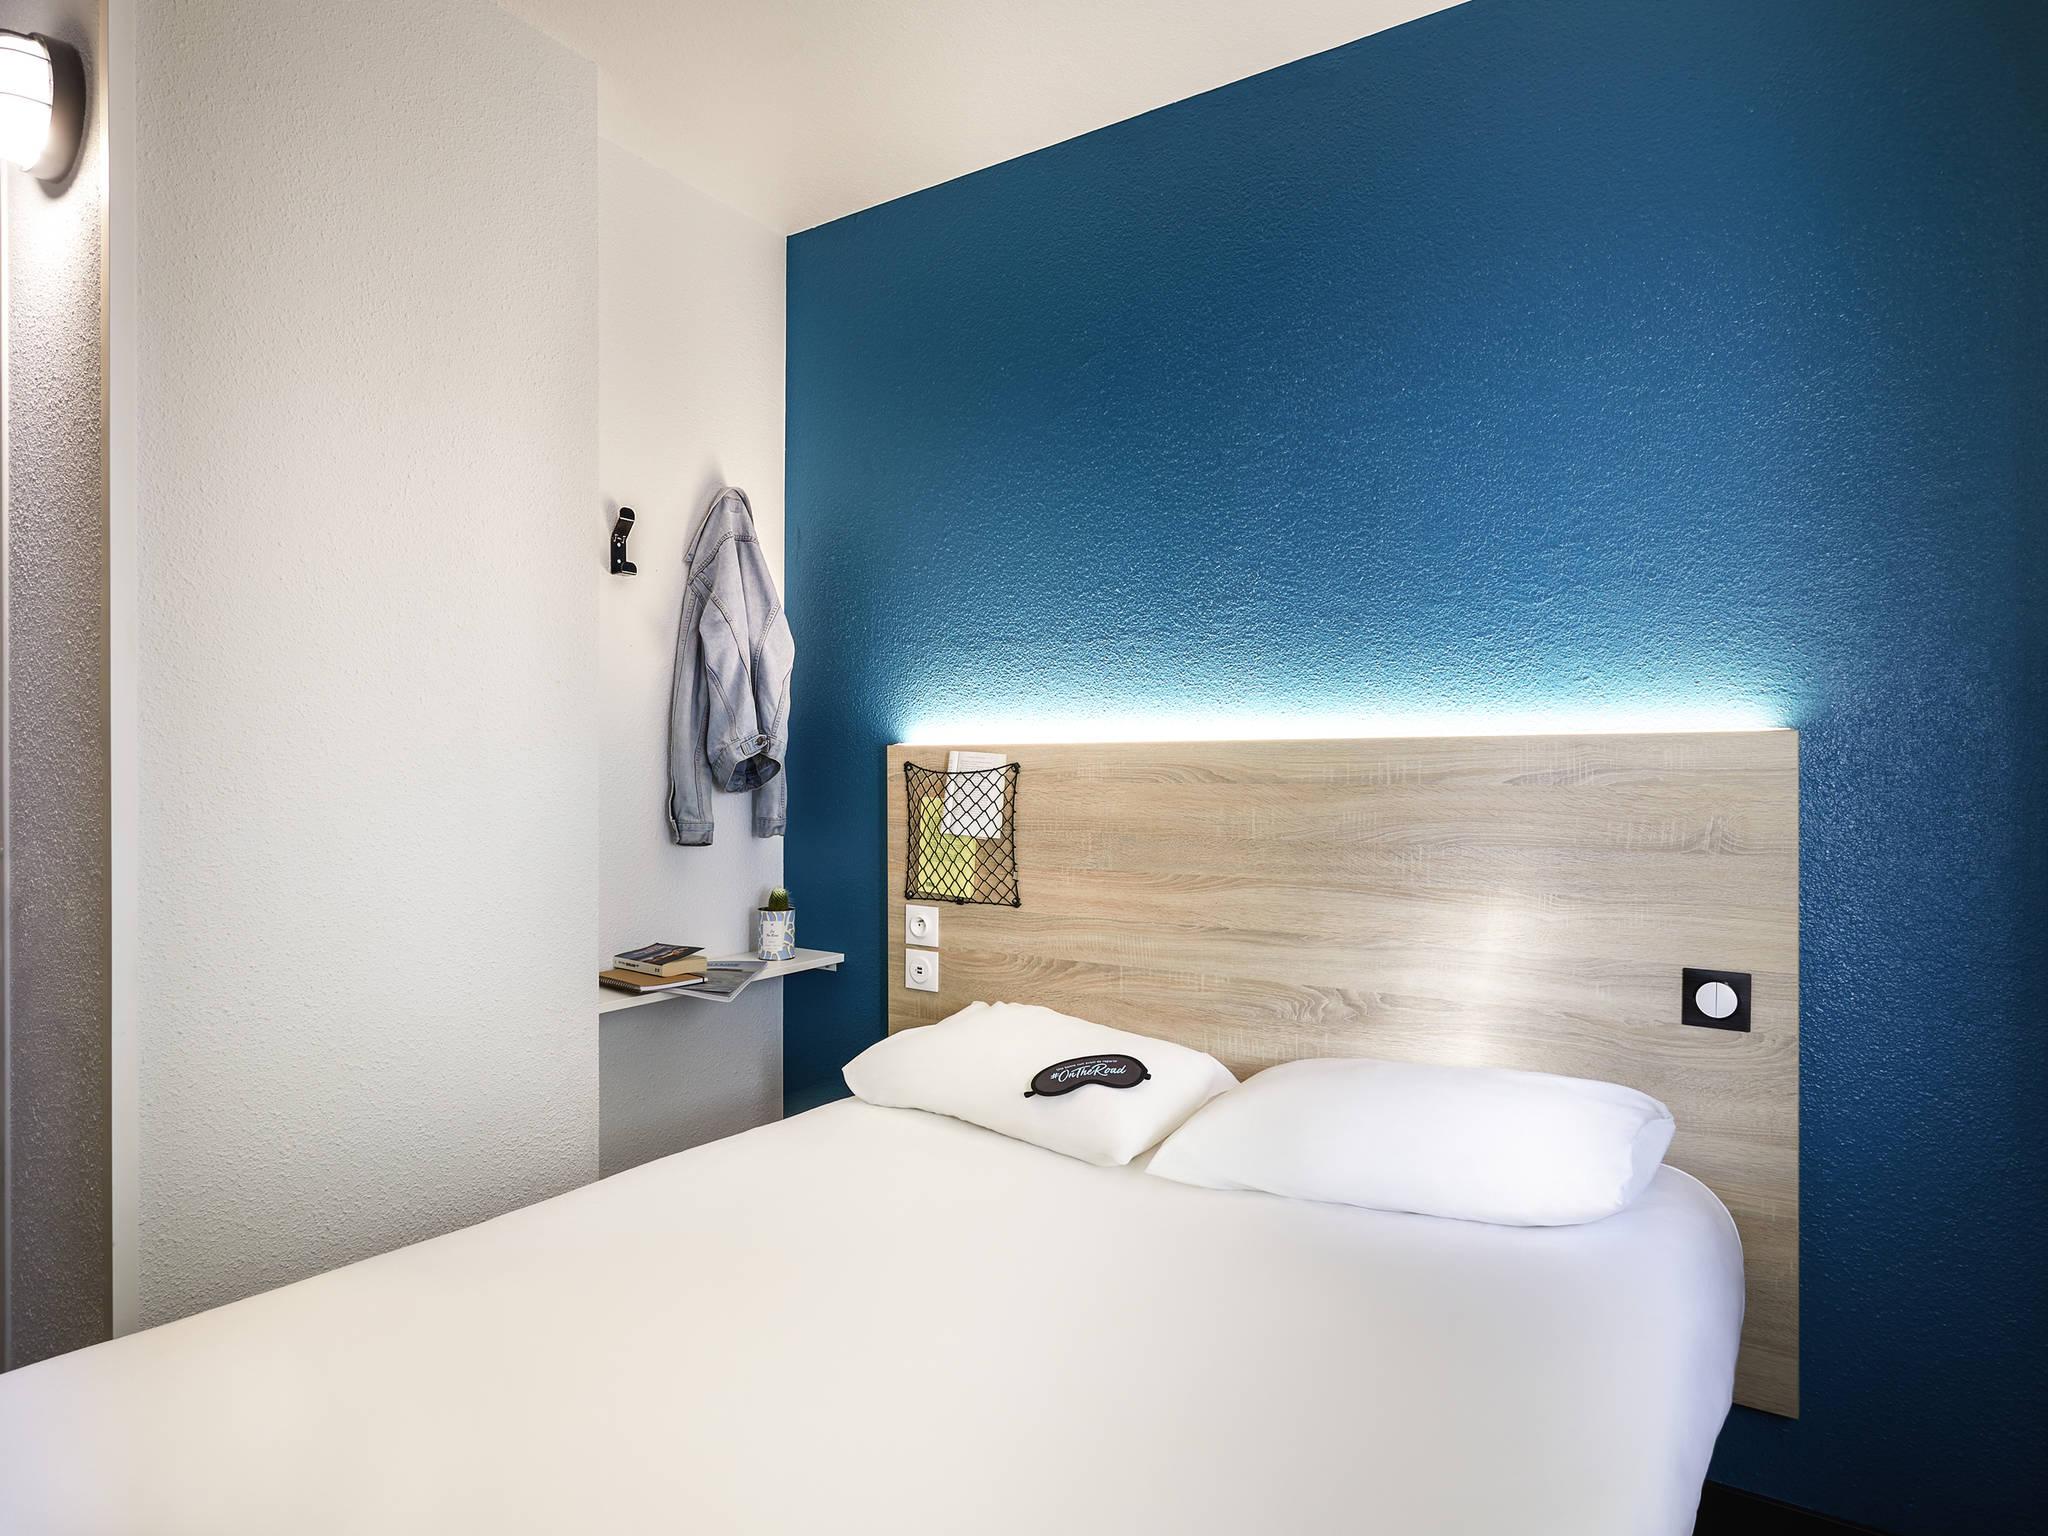 โรงแรม – hotelF1 Nîmes Ouest